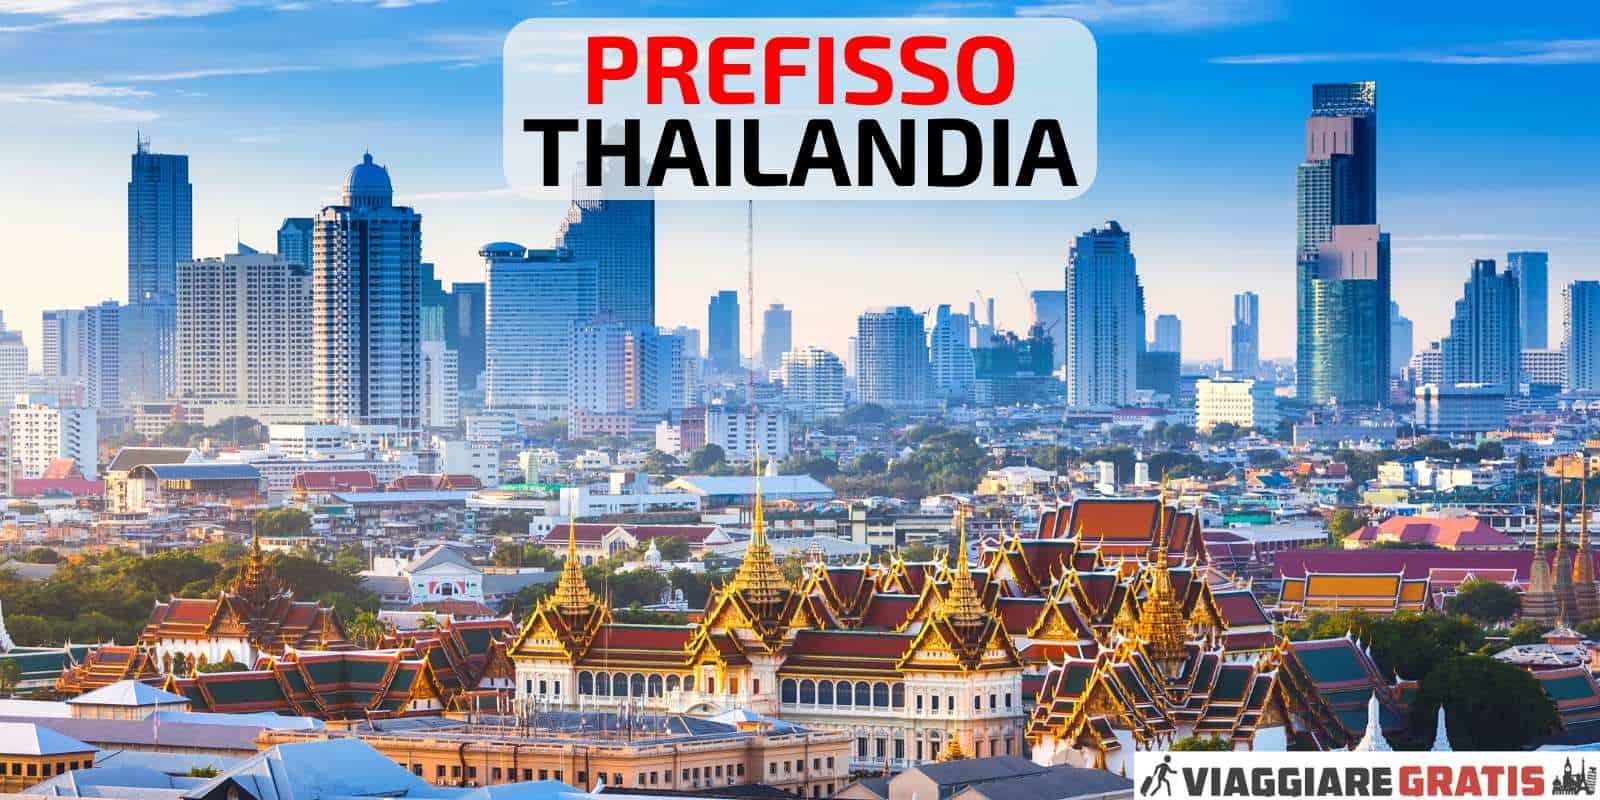 Prefisso della Thailandia